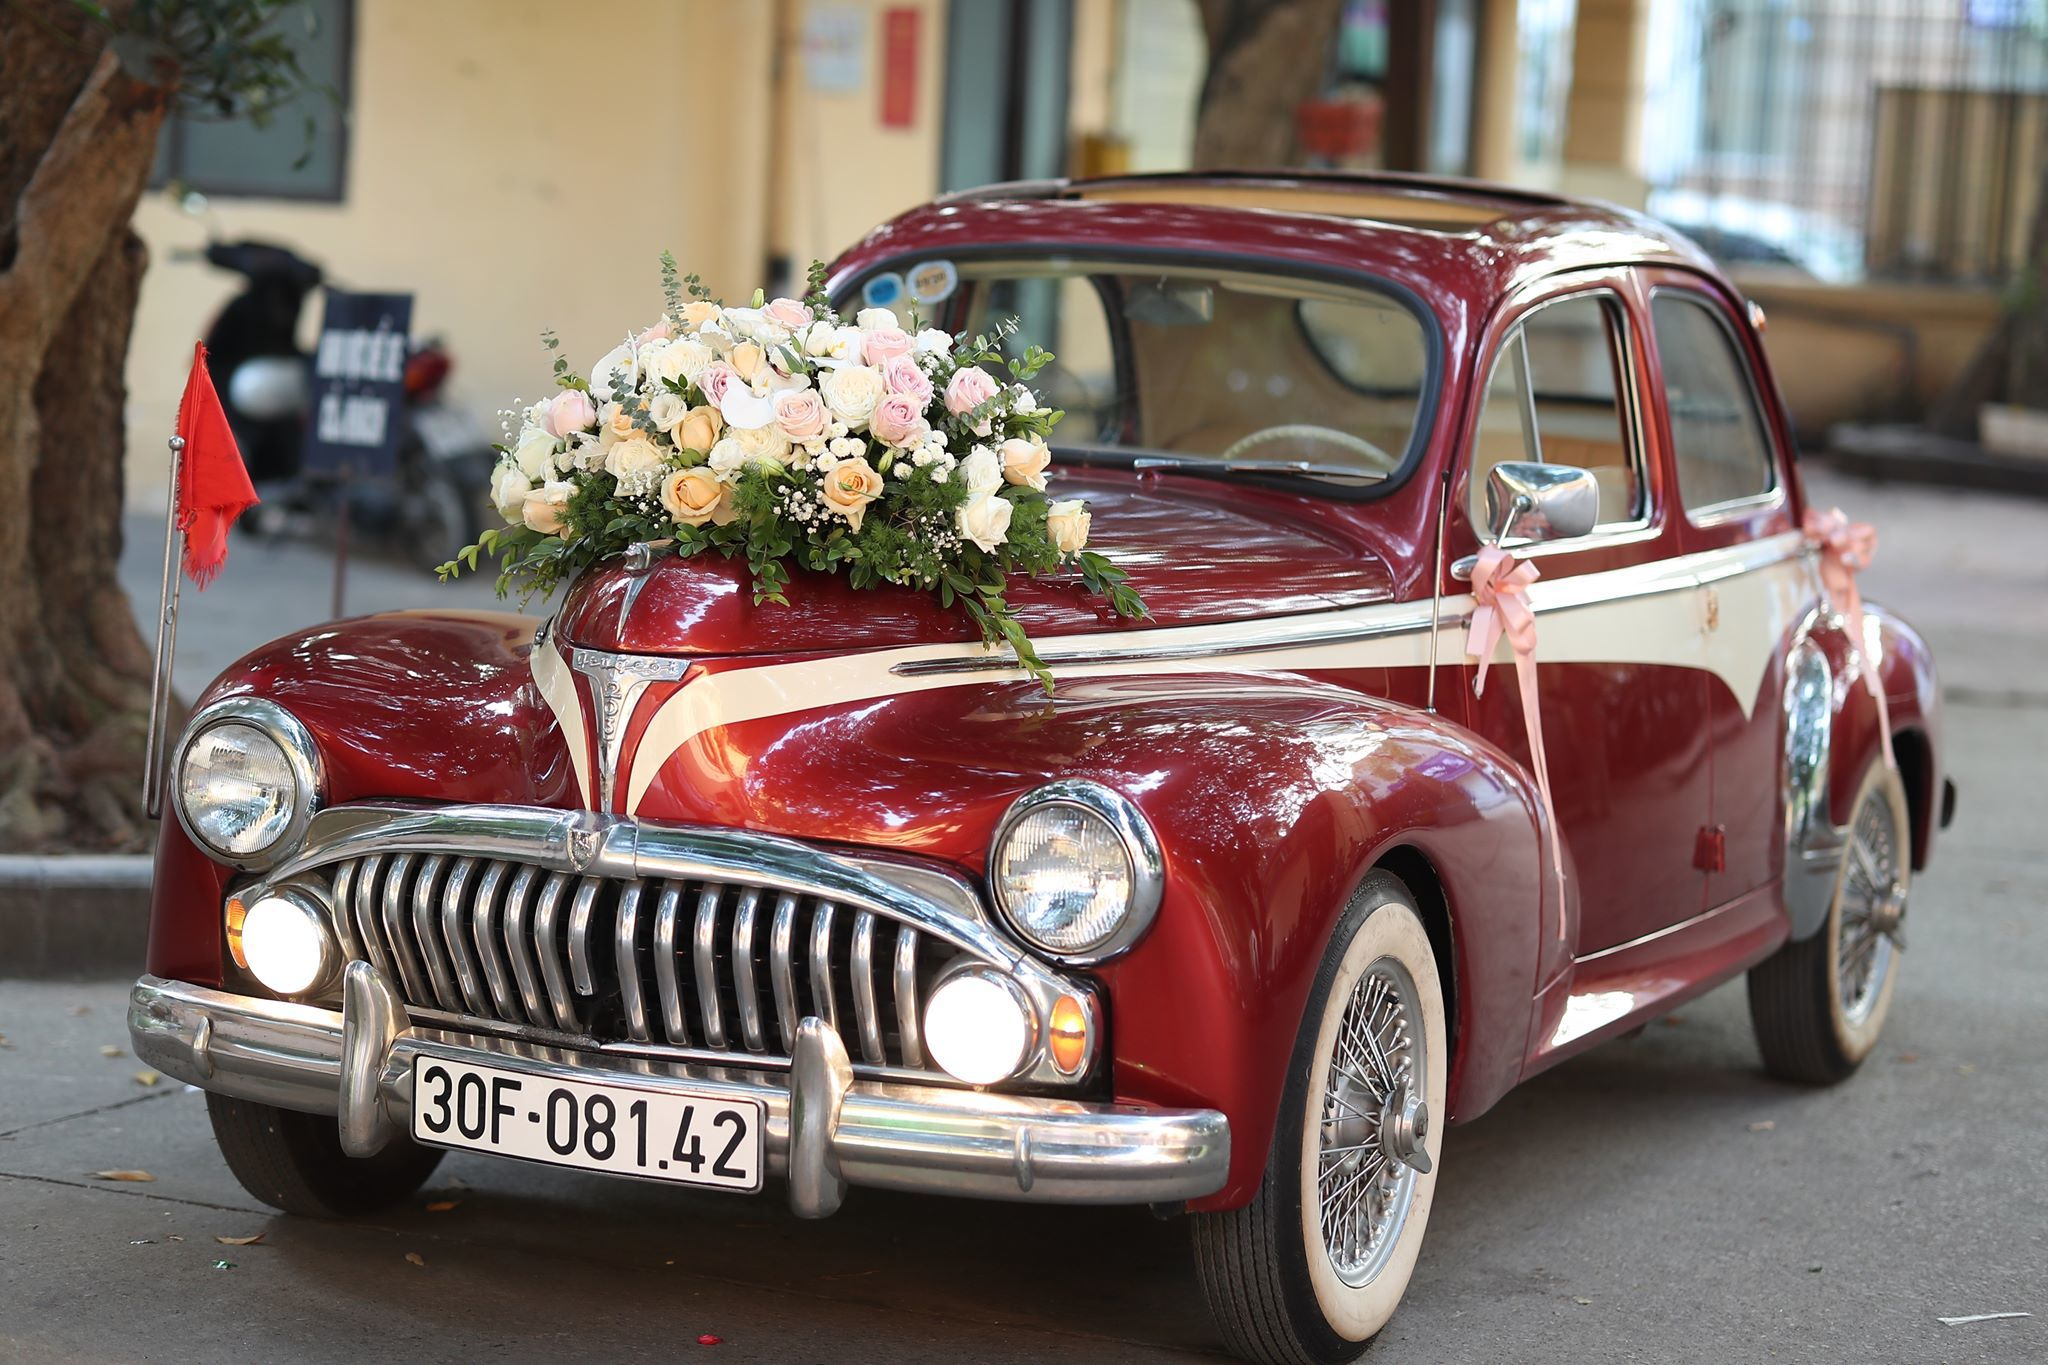 BTV Thời sự Thu Hà nồng nàn hôn chồng điển trai trong lễ cưới